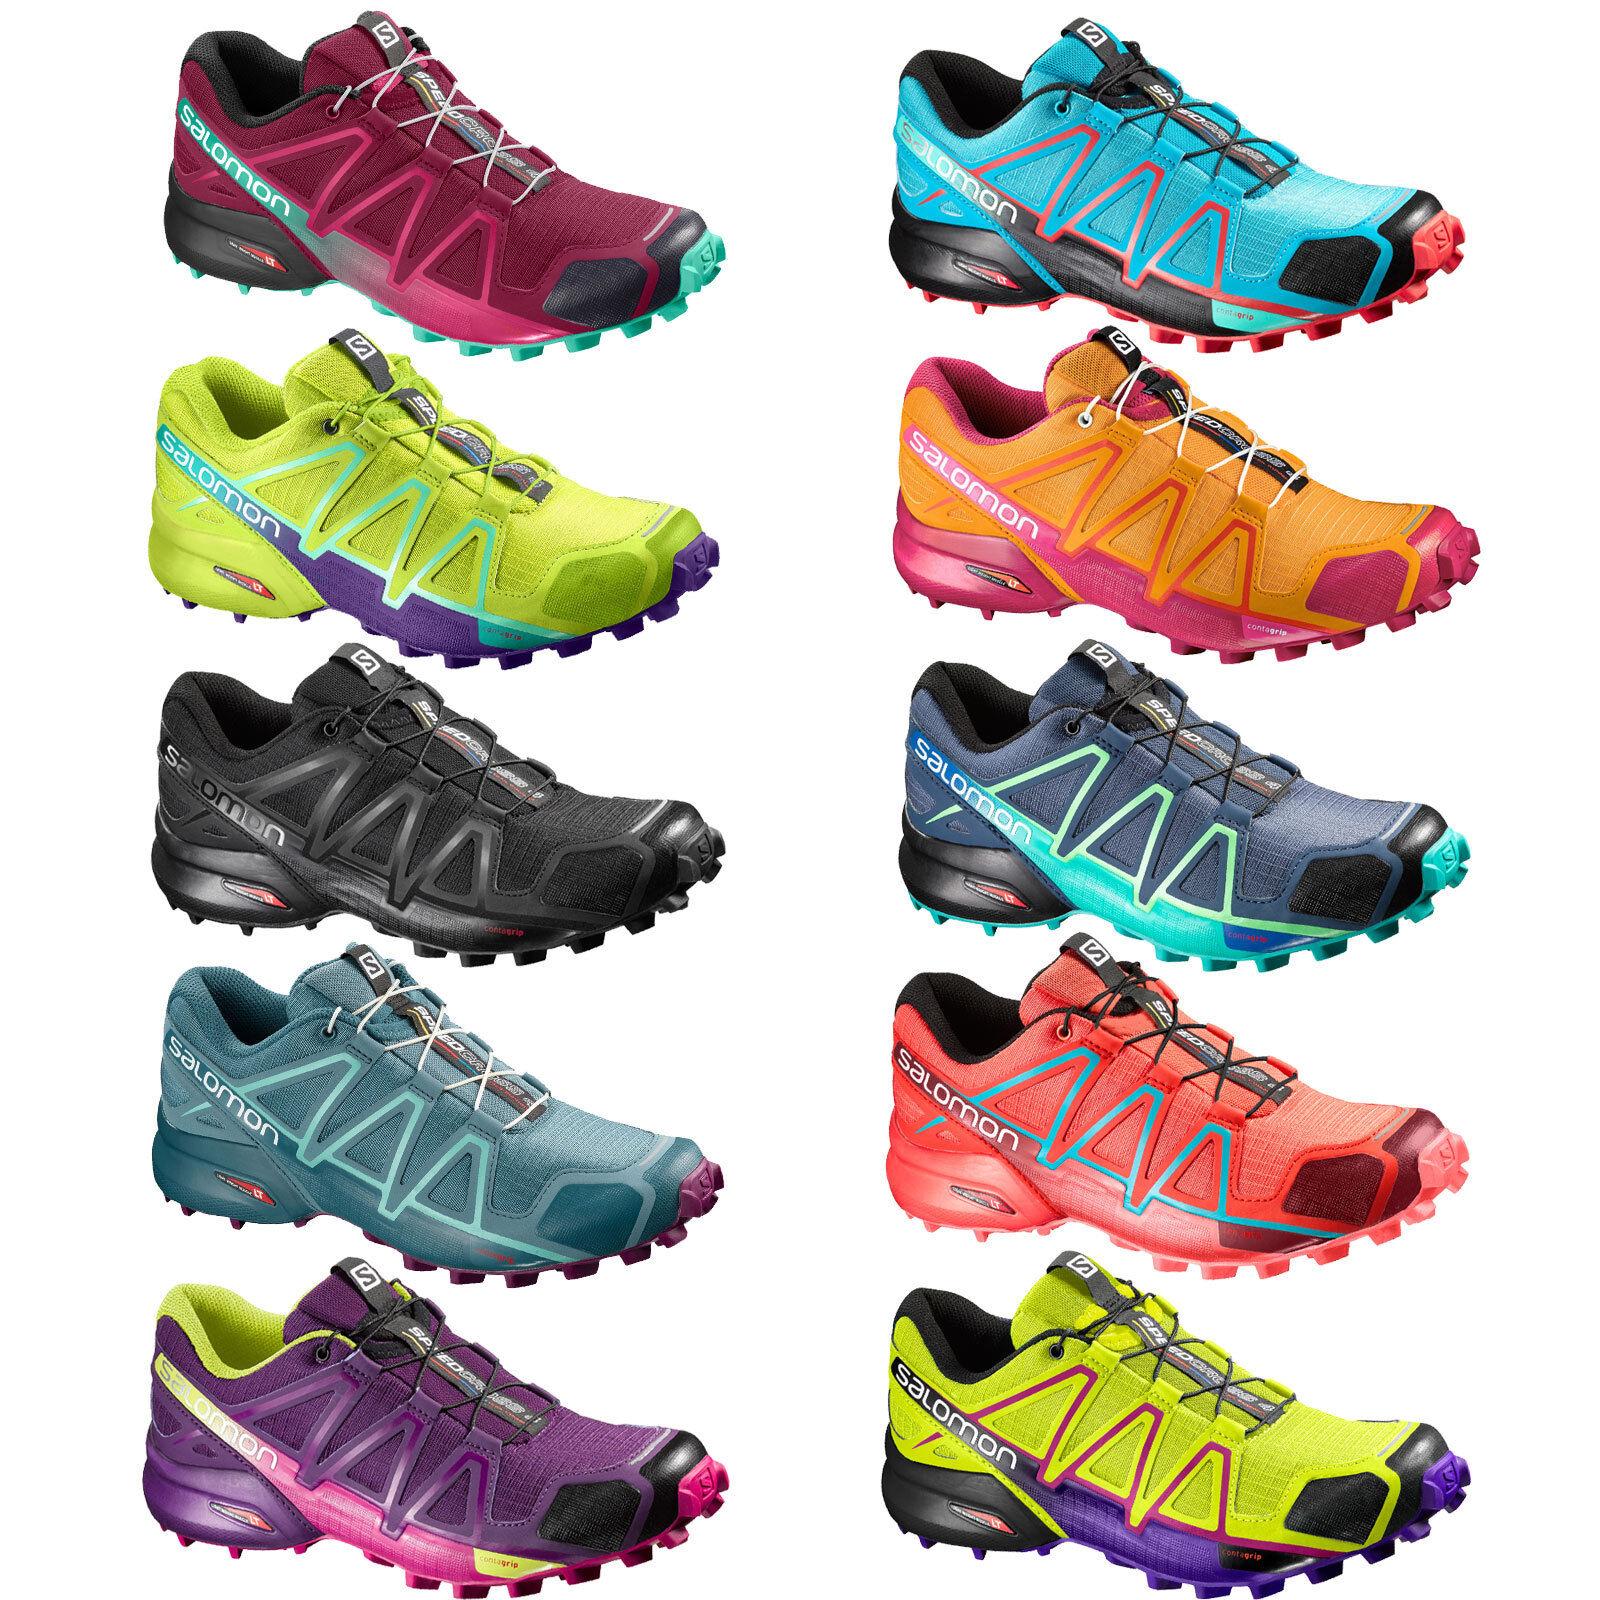 Trennschuhe Brauch attraktive Designs Salomon Speedcross 4 W Damen-Laufschuhe Cross-Schuhe Outdoor Hiking-Schuhe  NEU